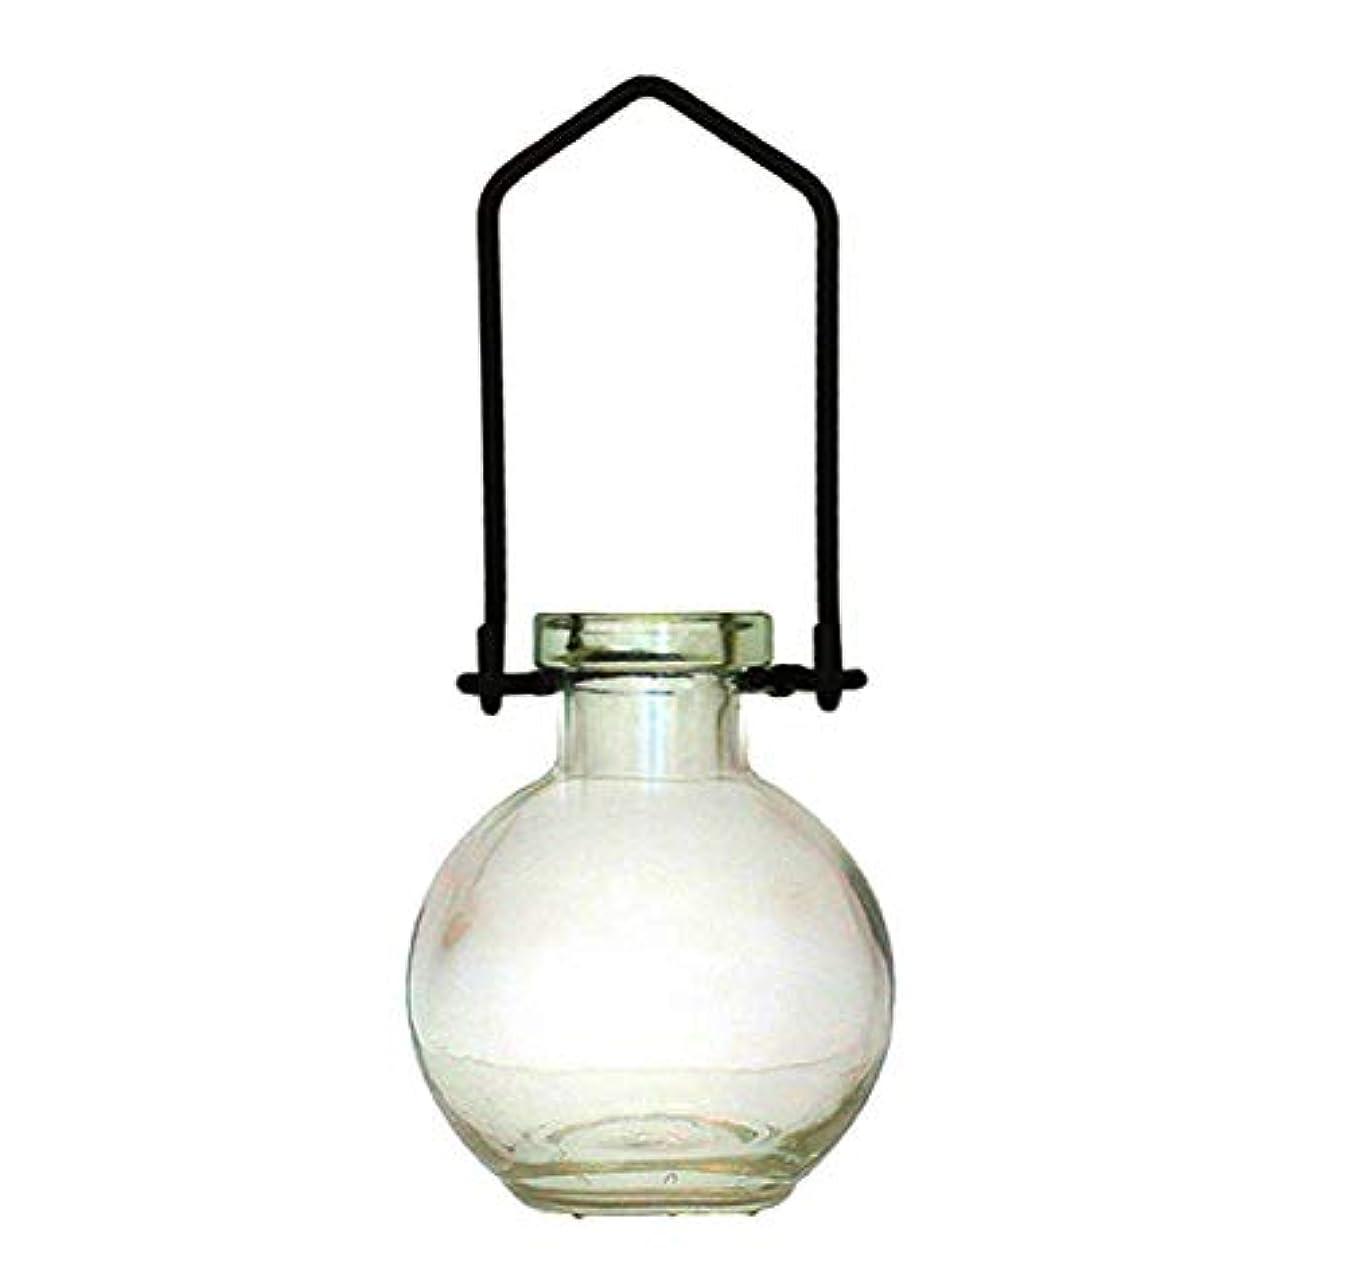 適応的アトミック時代遅れ装飾用吊り下げ花瓶 小型のガラスボトル 寮の飾り カラフルなお香立て 壁掛け装飾 ロマンチックな装飾 クリア G268VF